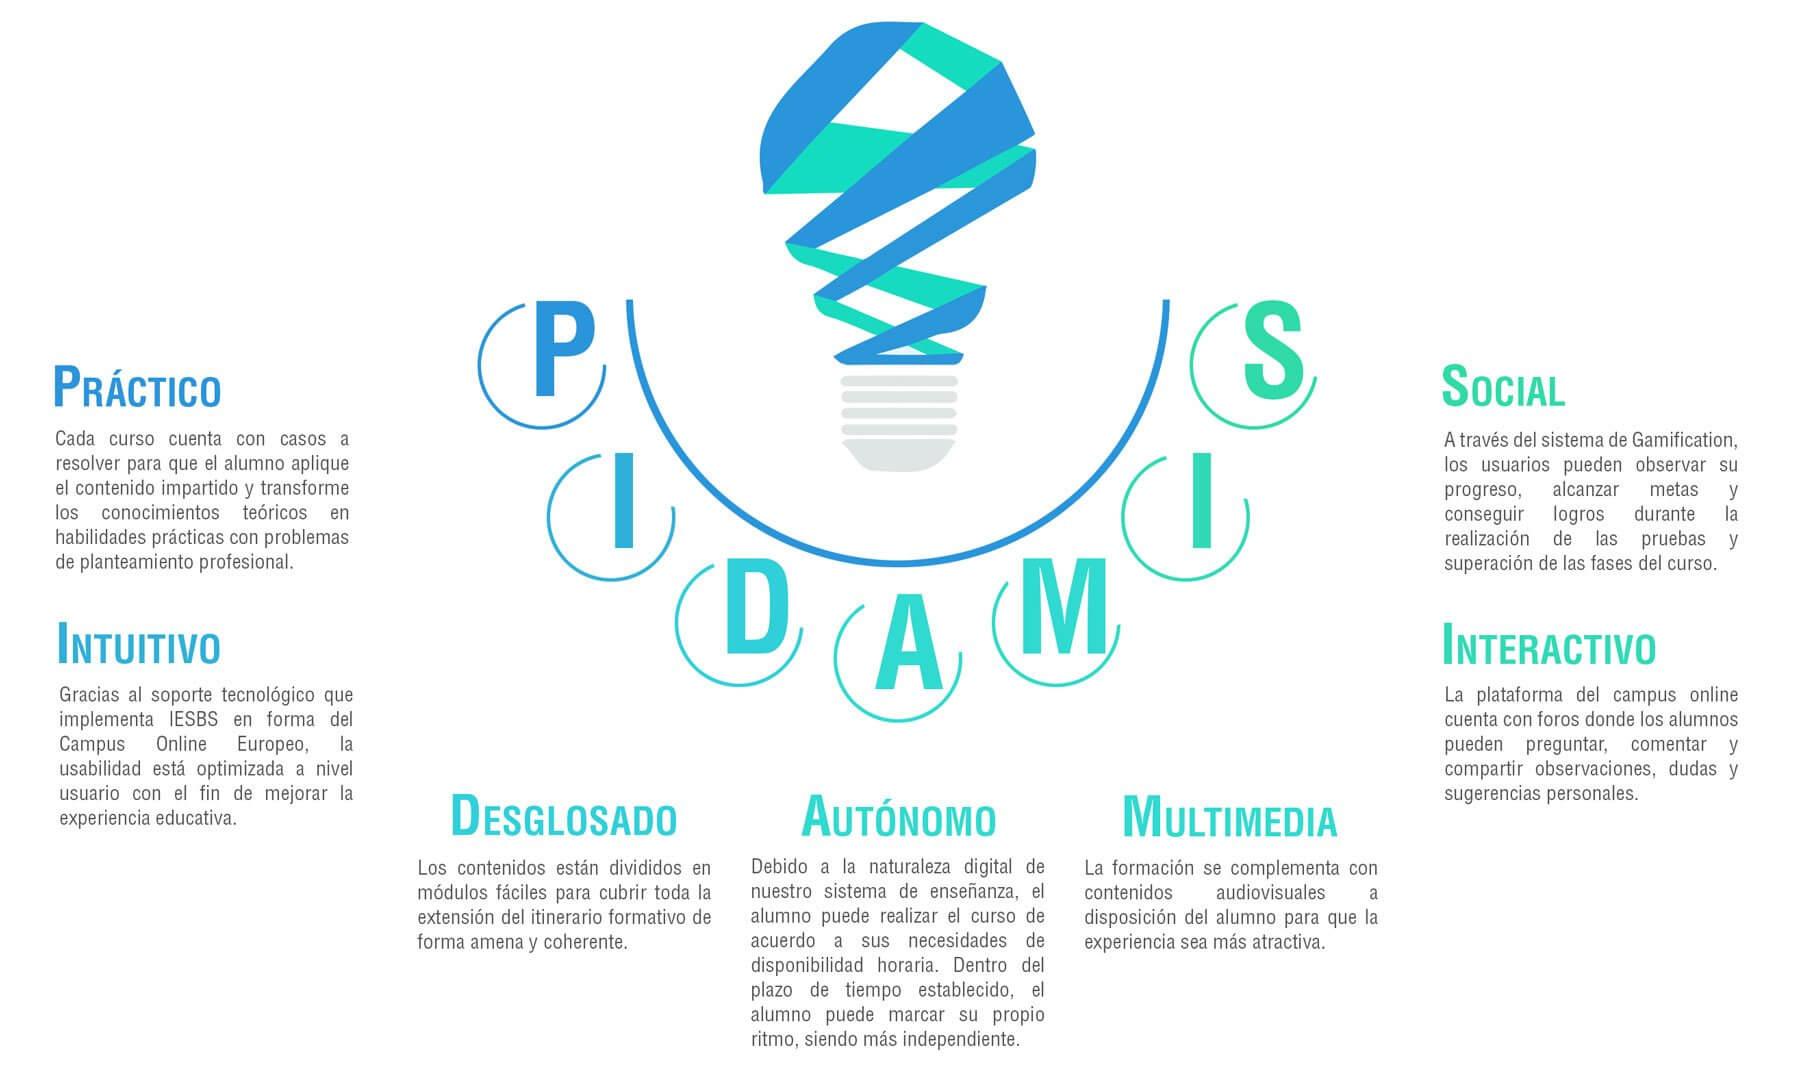 Metodología gestión MÁSTER TÍTULO PROPIO EN DIRECCIÓN Y GESTIÓN DE SERVICIOS DE SALUD bulb peq